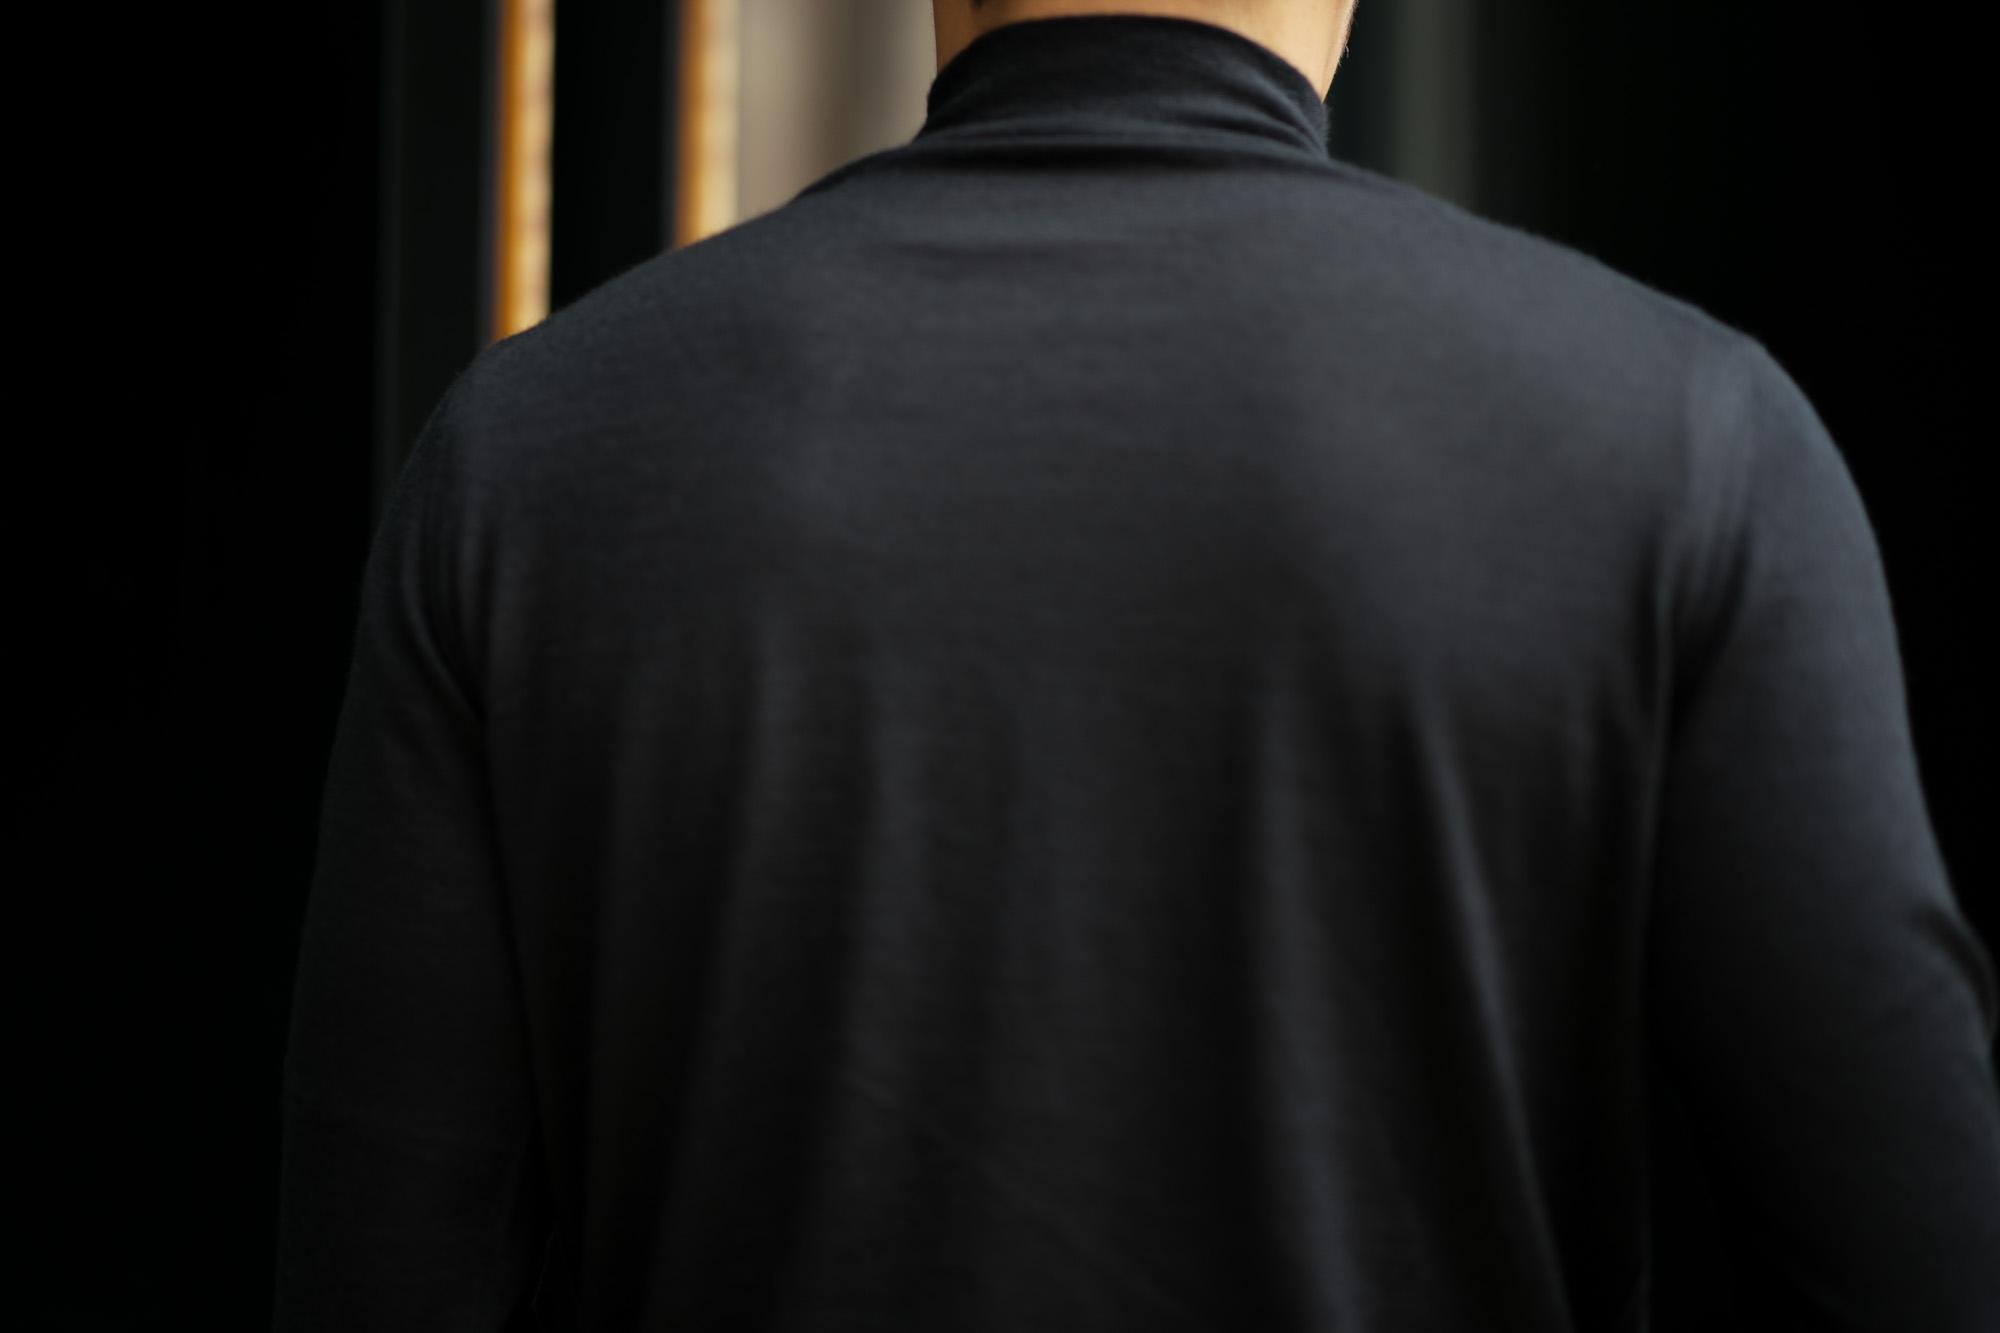 Cruciani (クルチアーニ) Cashmere Mock Neck Sweater (カシミヤ モックネック セーター) Cashmere 100% ハイゲージ カシミヤニット モックネック セーター BLACK (ブラック・NERO) made in italy (イタリア製) 2018 秋冬新作 愛知 名古屋 alto e diritto アルトエデリット カシミヤ